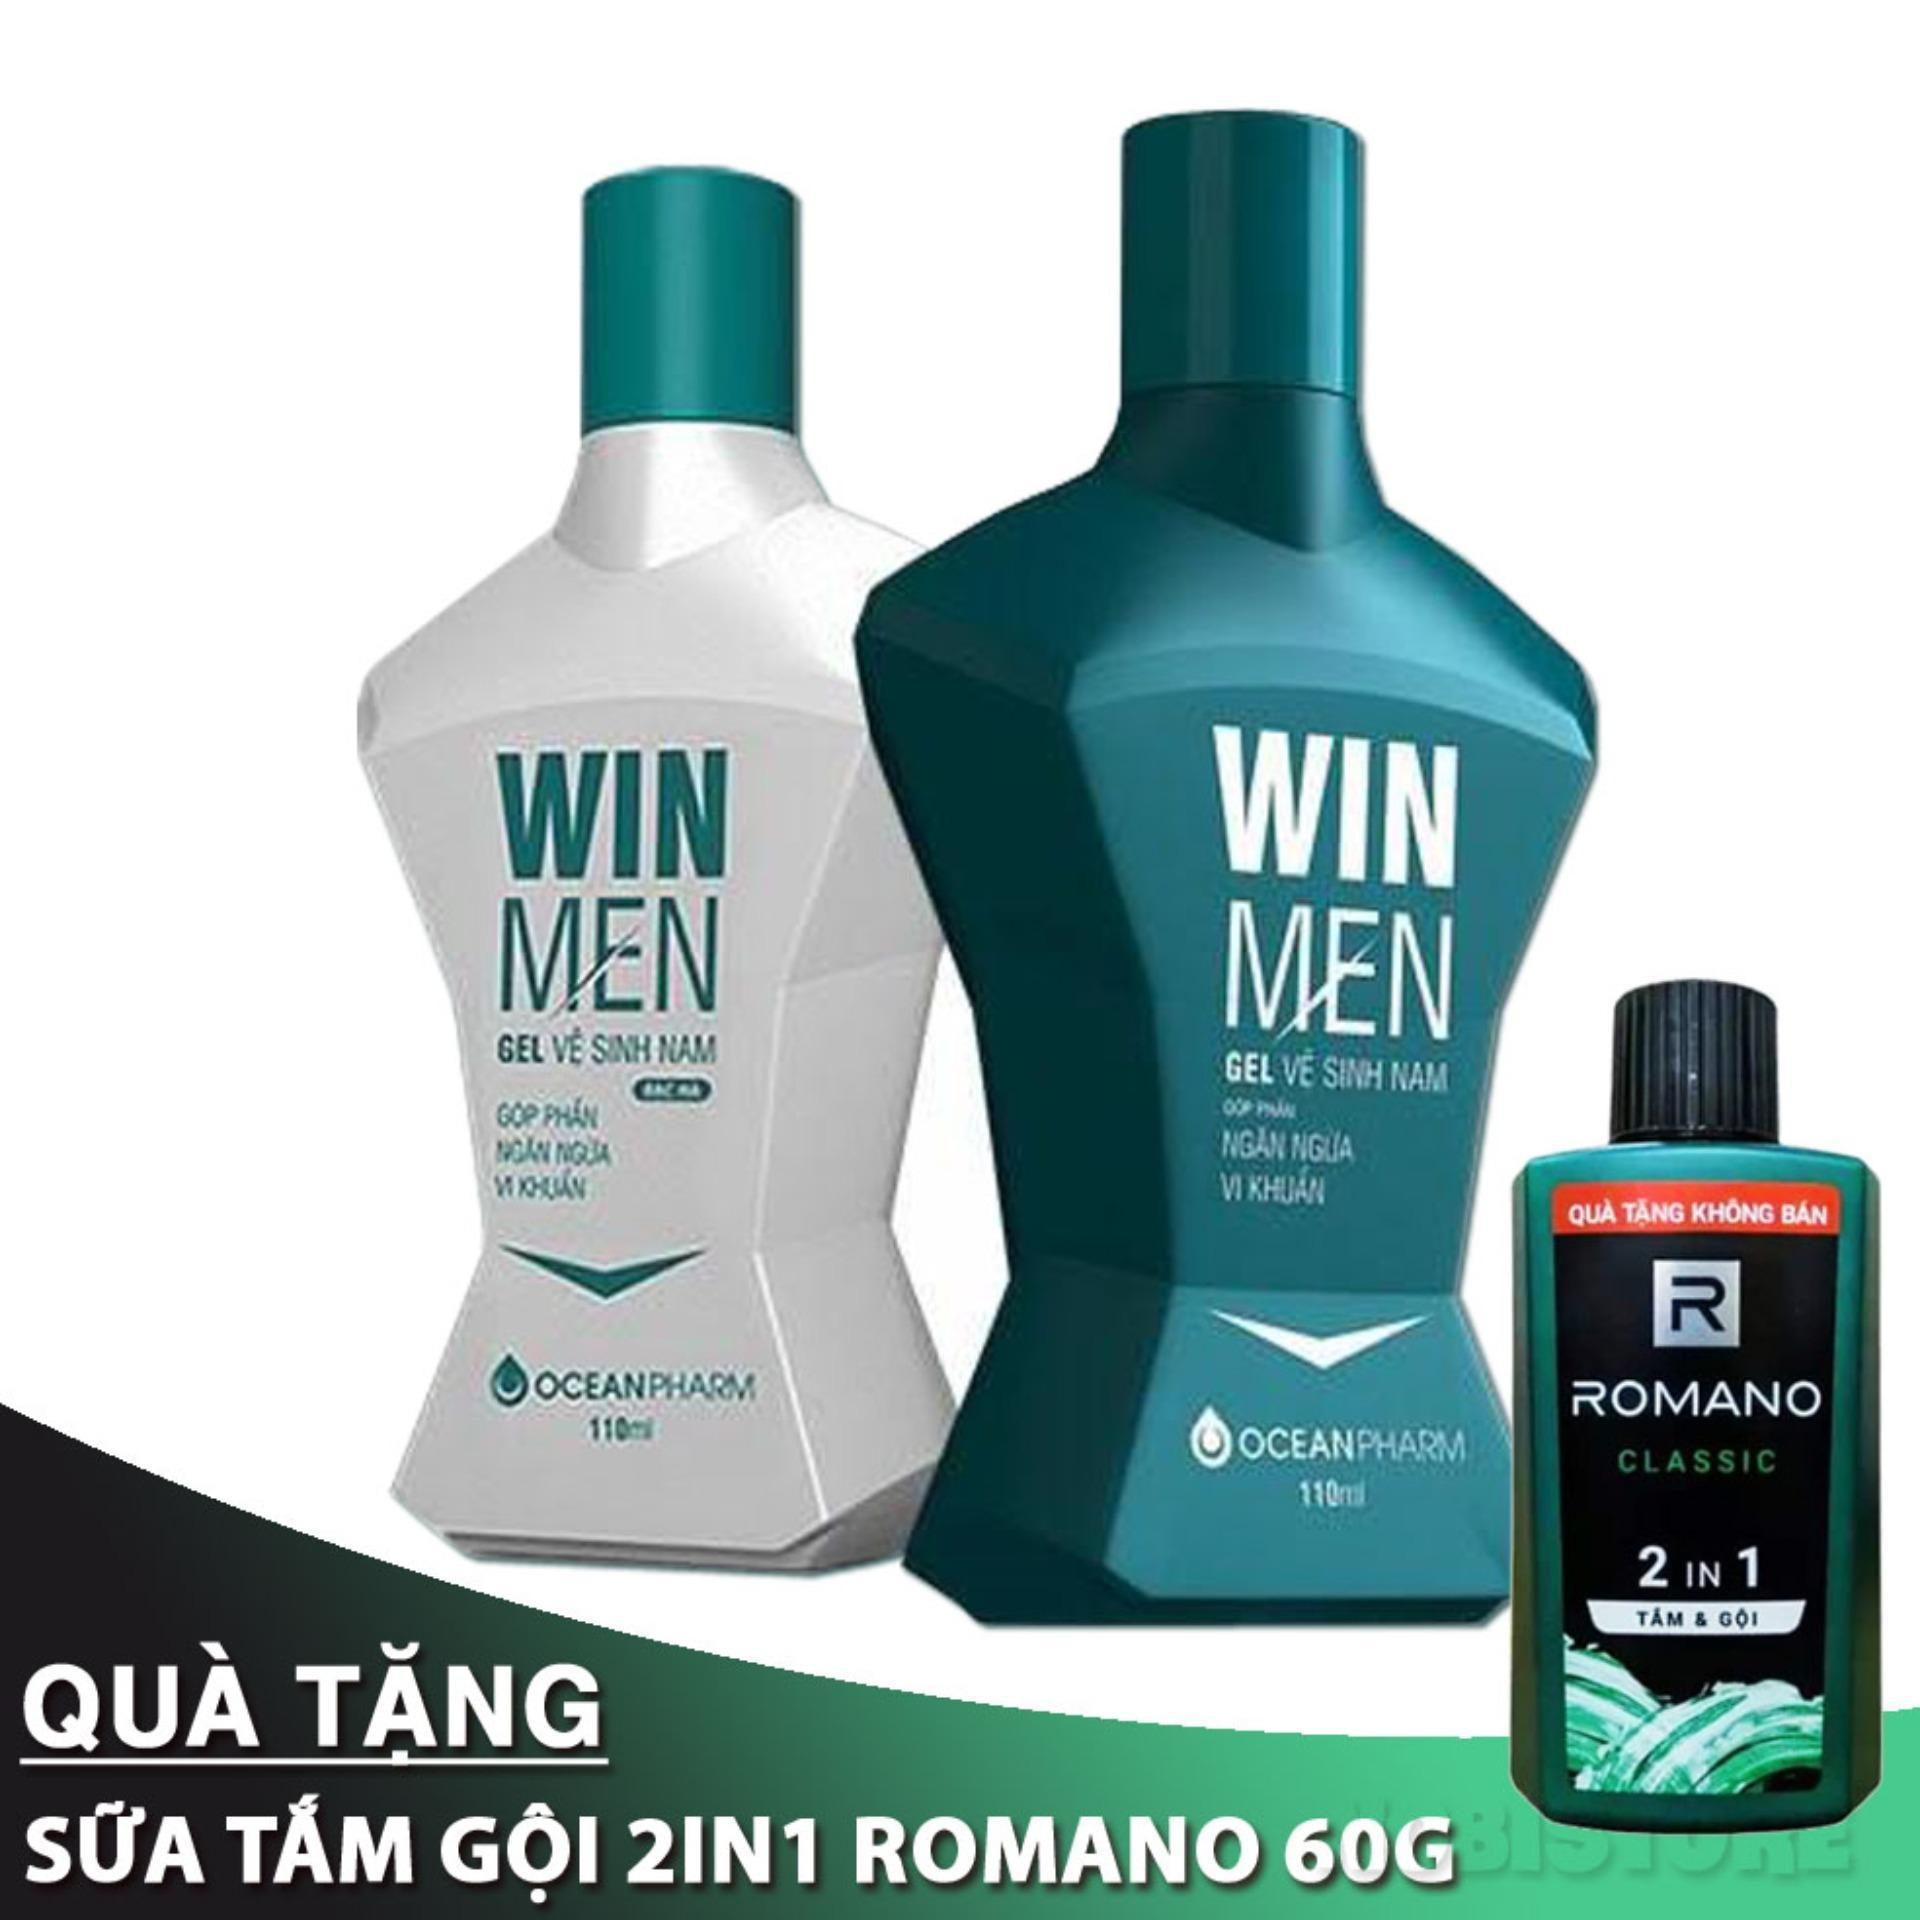 Gel vệ sinh nam Winmen - Hương bạc hà, hương quế - Dung dịch vệ sinh vùng kín nam giới